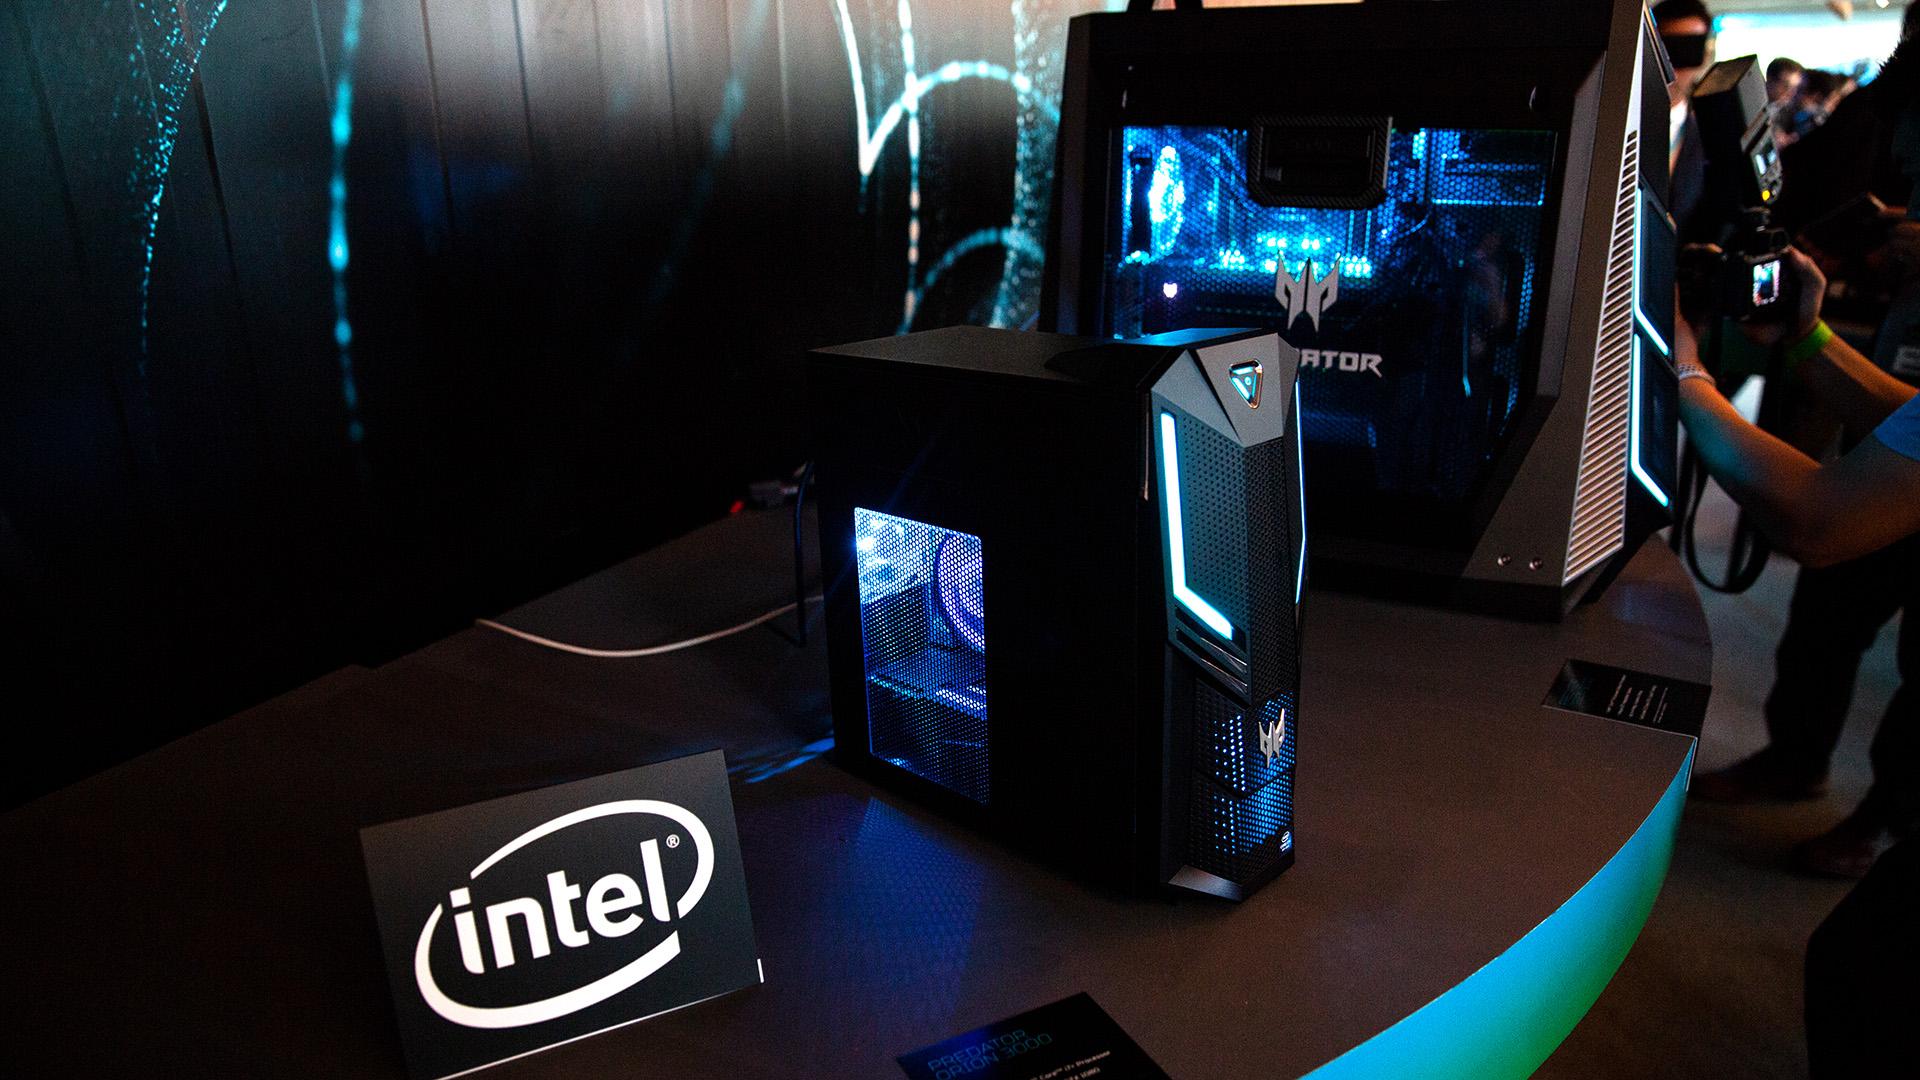 Acer-Portfolio 2018: Nitro-Gaming-PCs mit Ryzen und viele neue Notebooks - Flaggschiff bleibt vorerst der Orion 9000. (Bild: Robert Kern/Golem.de)